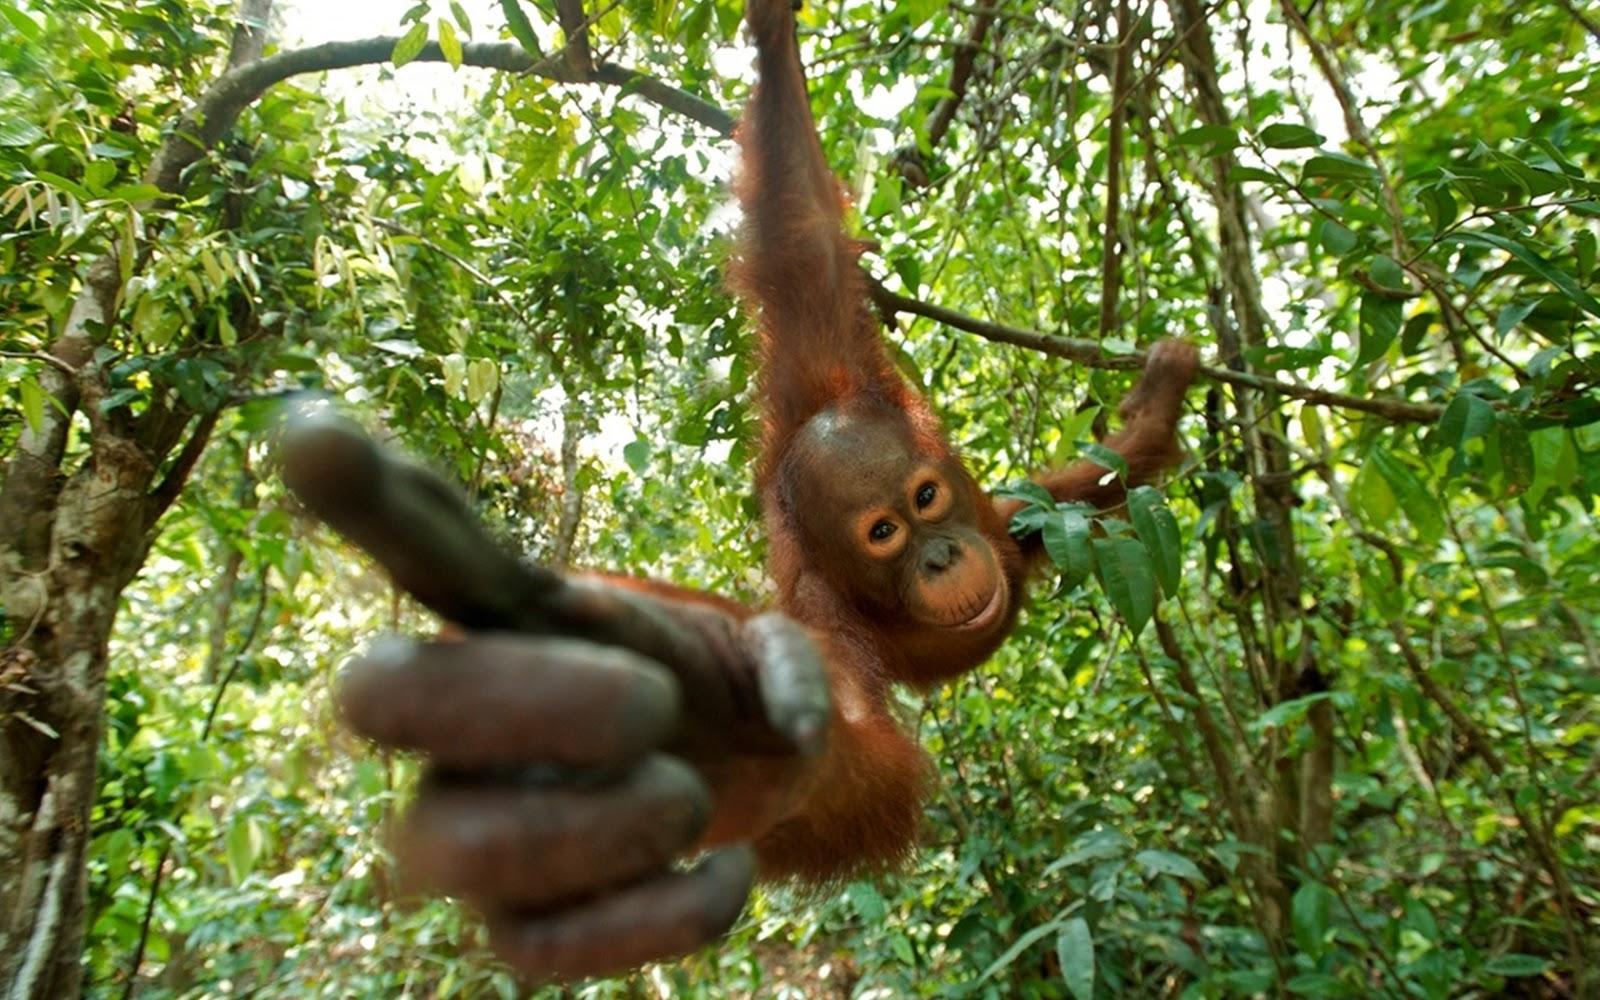 44+ Hewan Dan Tumbuhan Yang Hampir Punah Di Indonesia Beserta Gambarnya Gratis Terbaik